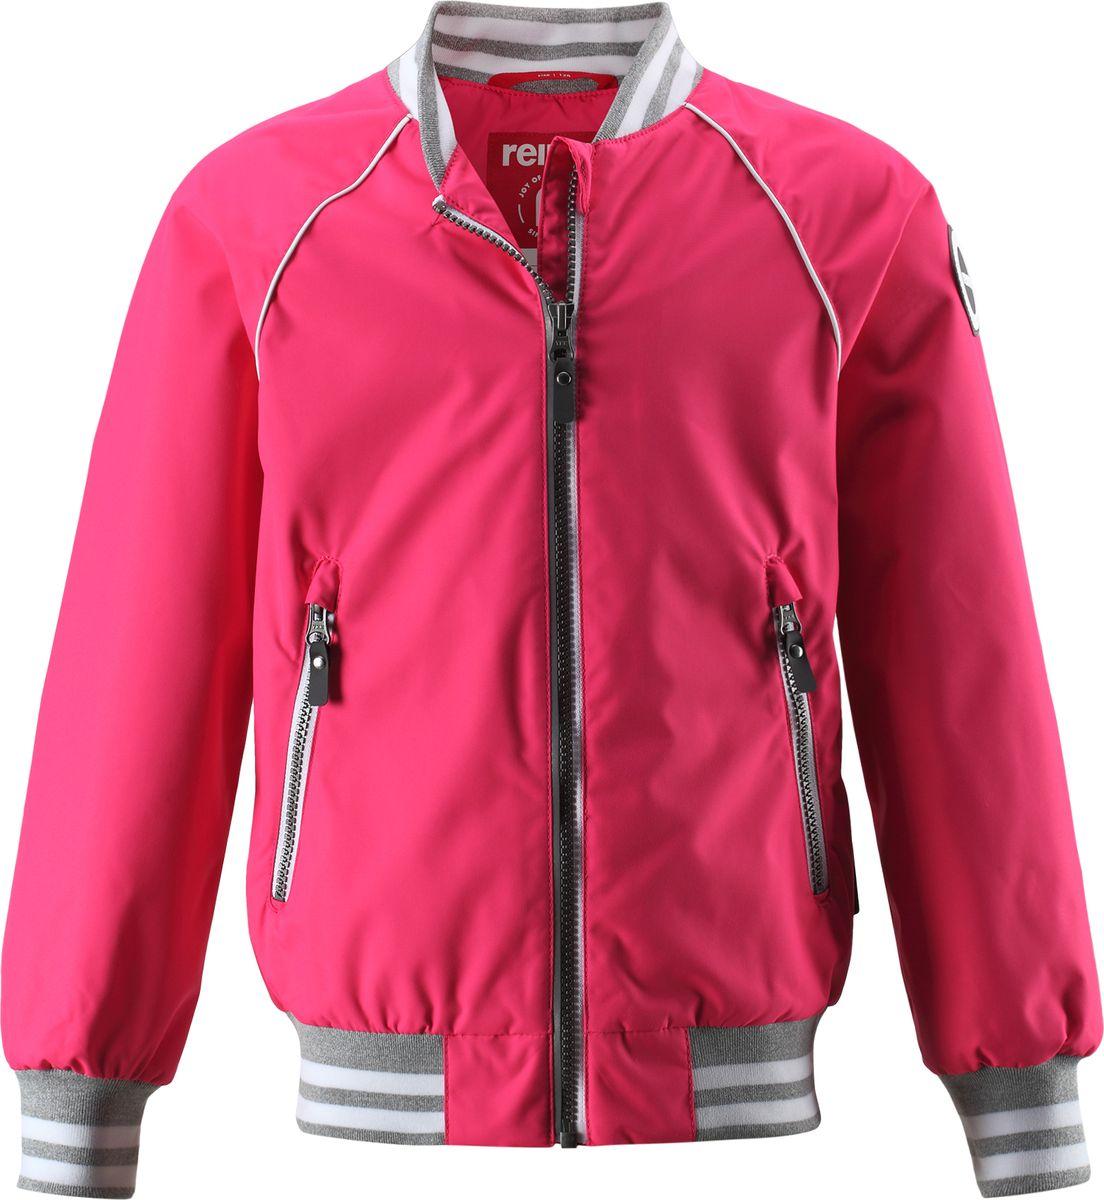 Куртка Reima reima куртка reima petteri для мальчика